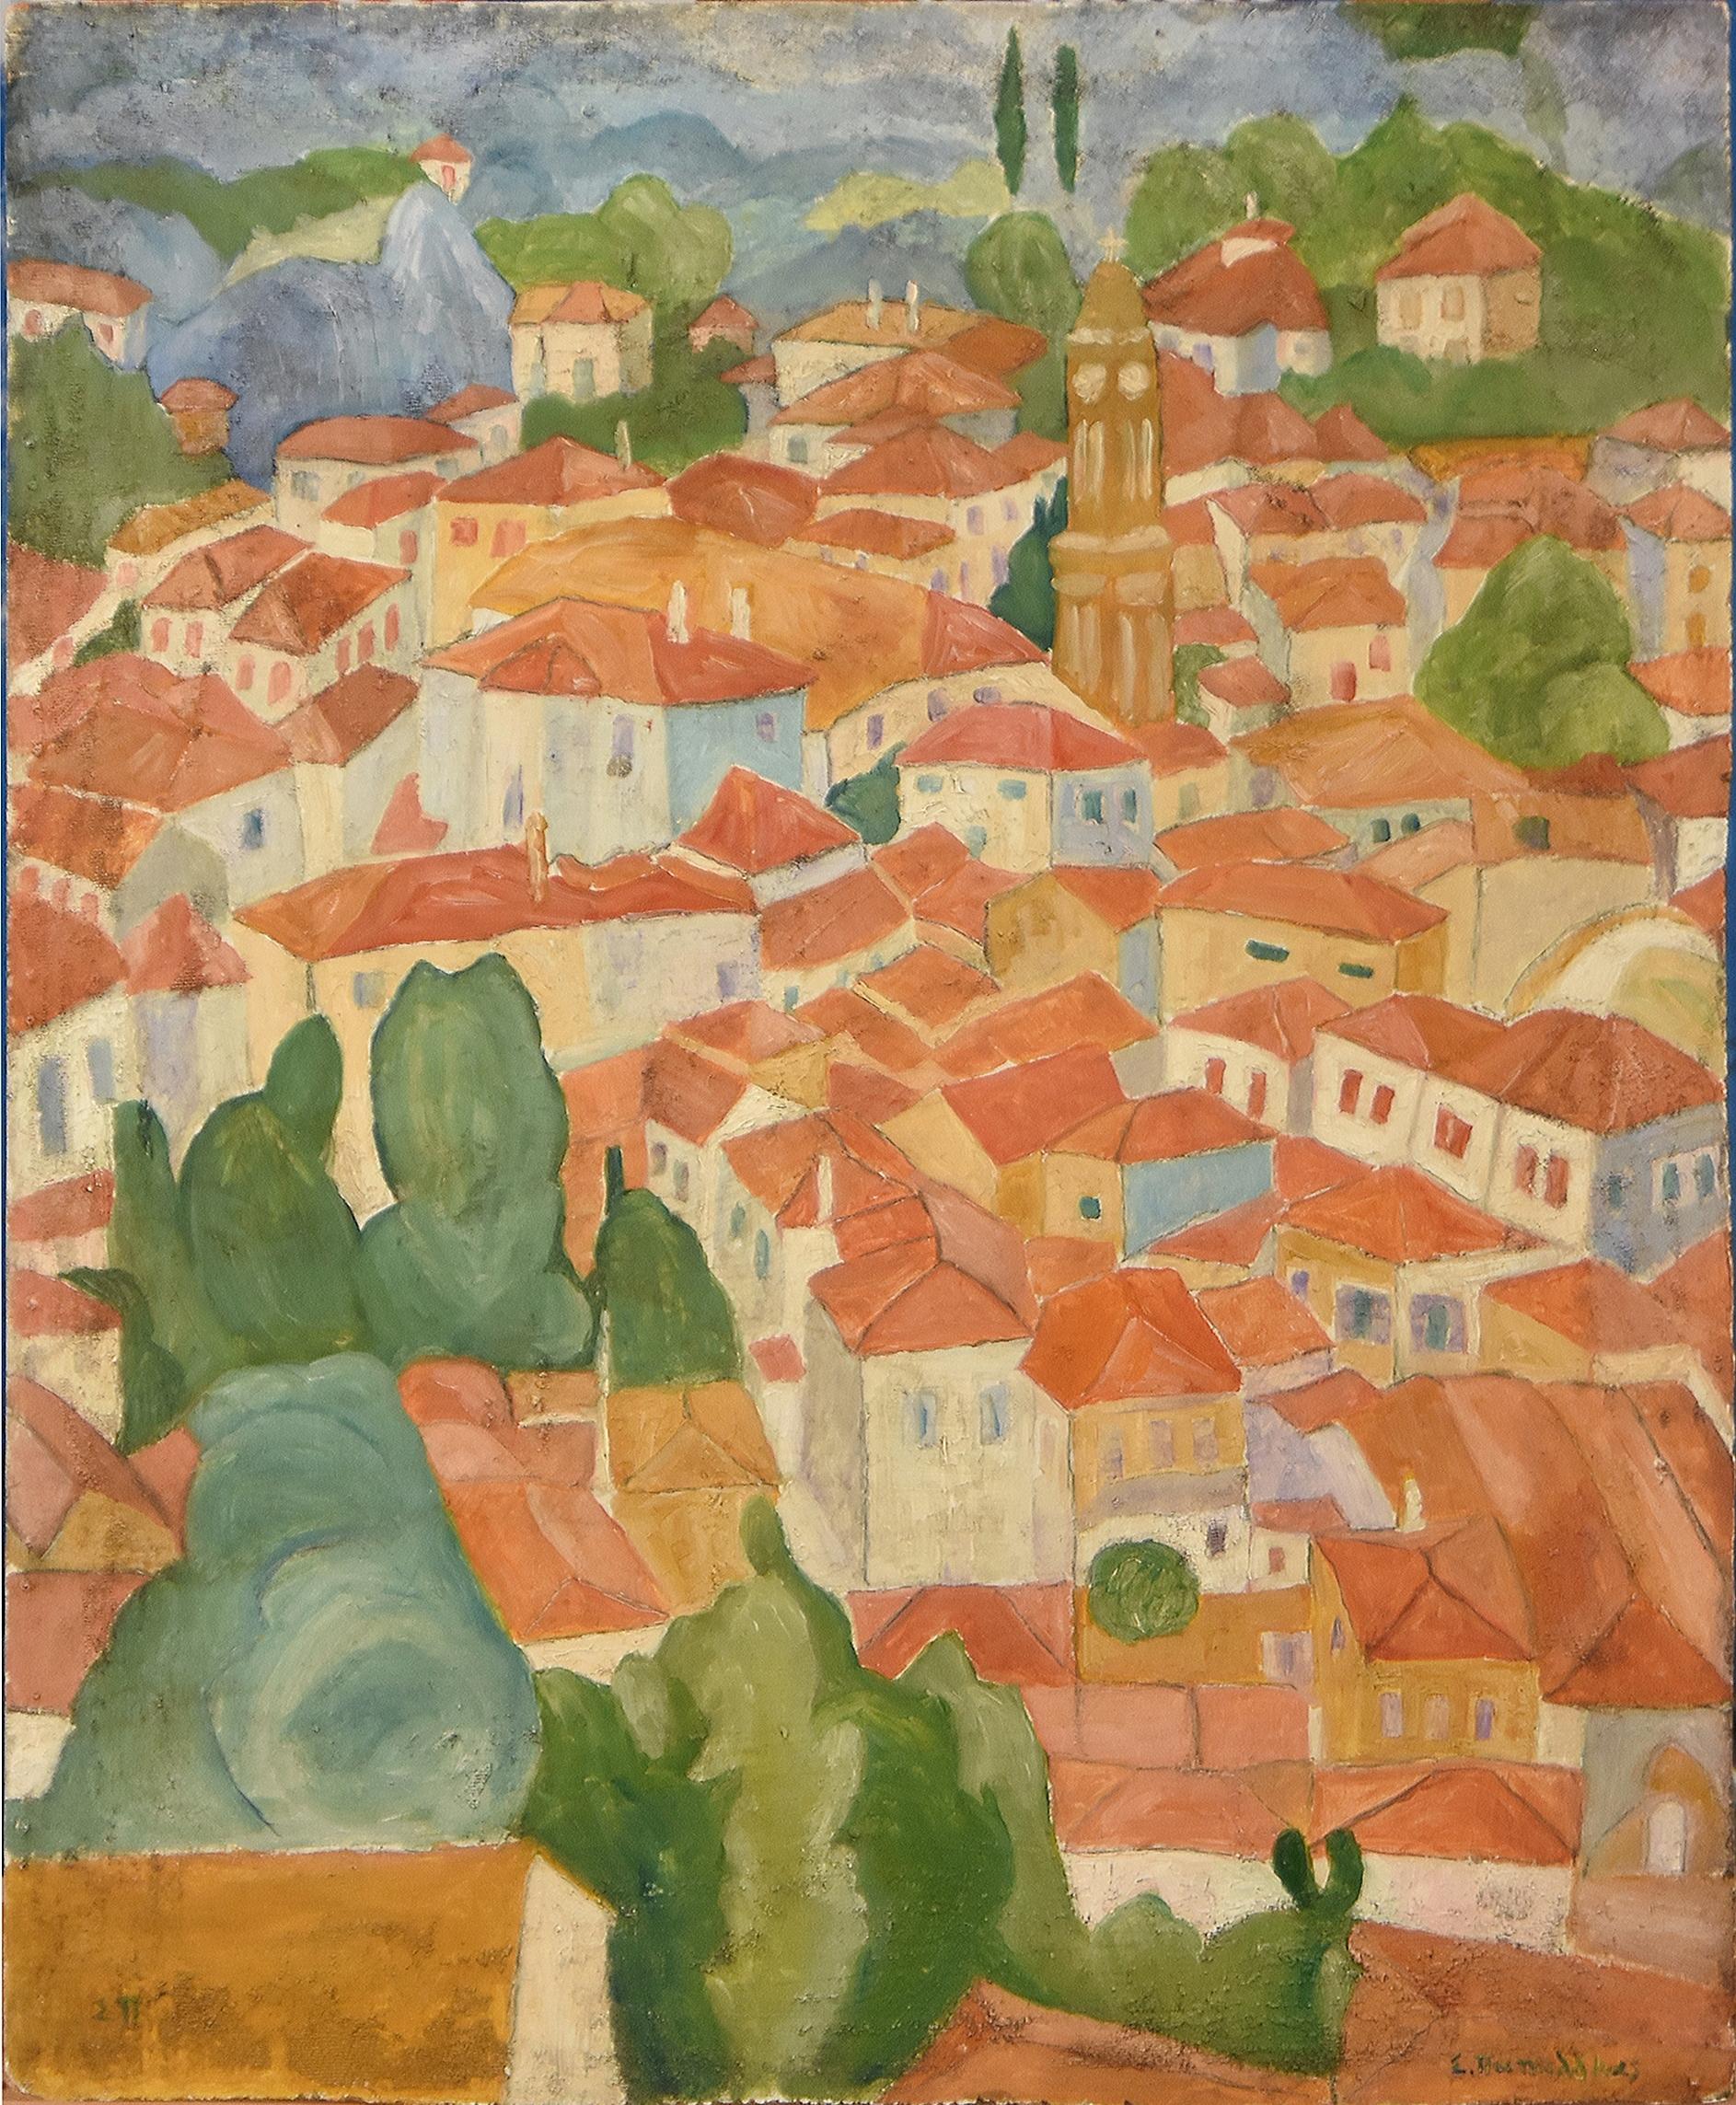 PAPALOUKAS Spyros (1892 -1957)